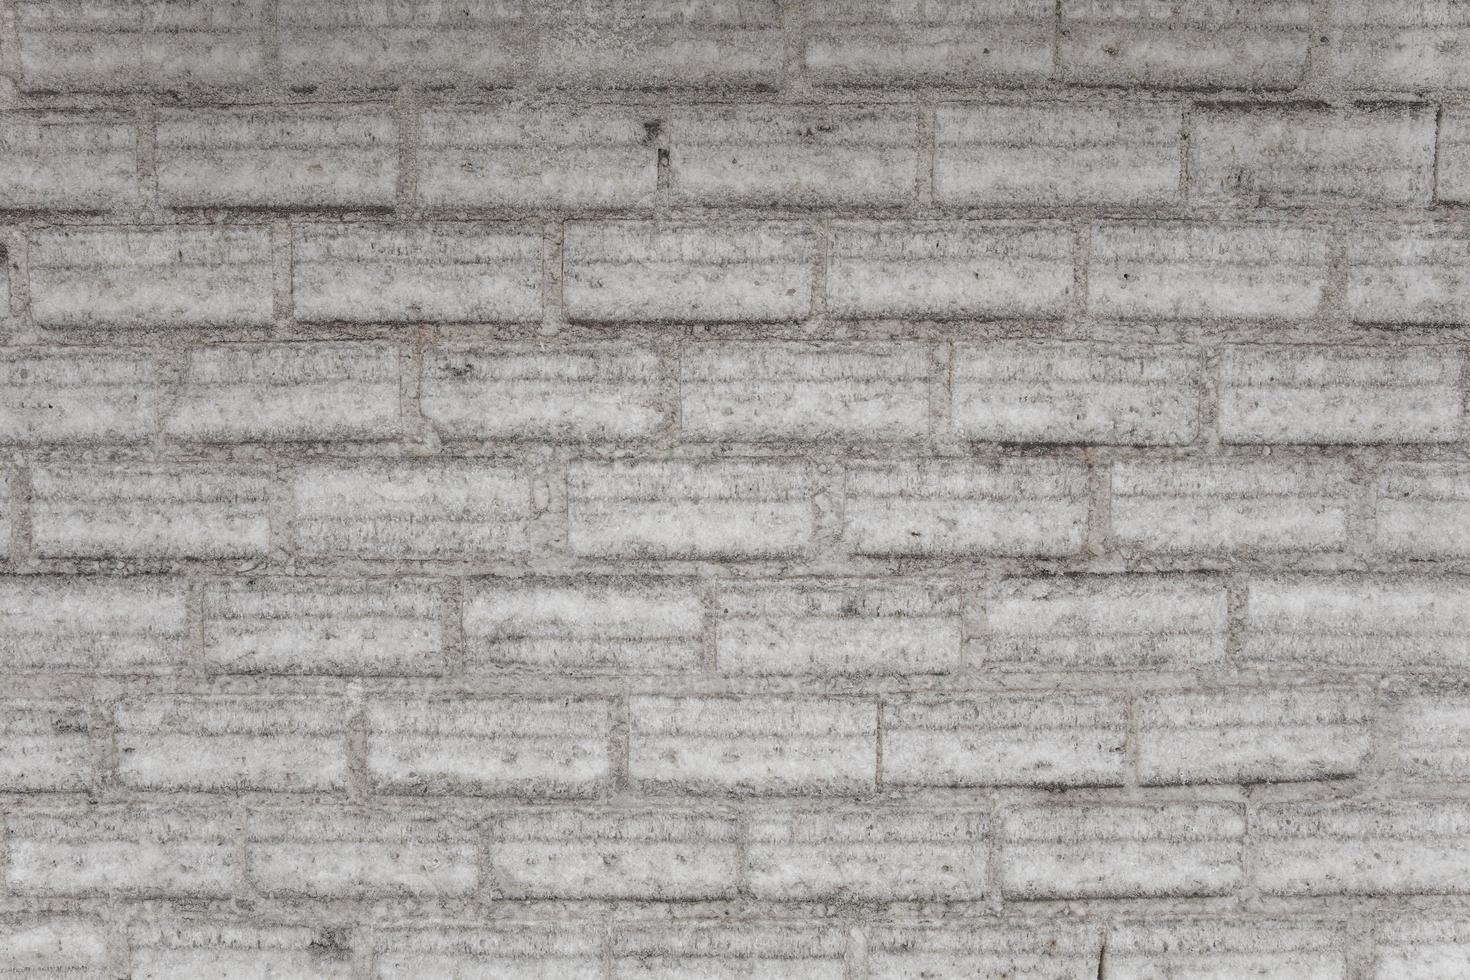 alte Vintage weiße Backsteinmauer foto